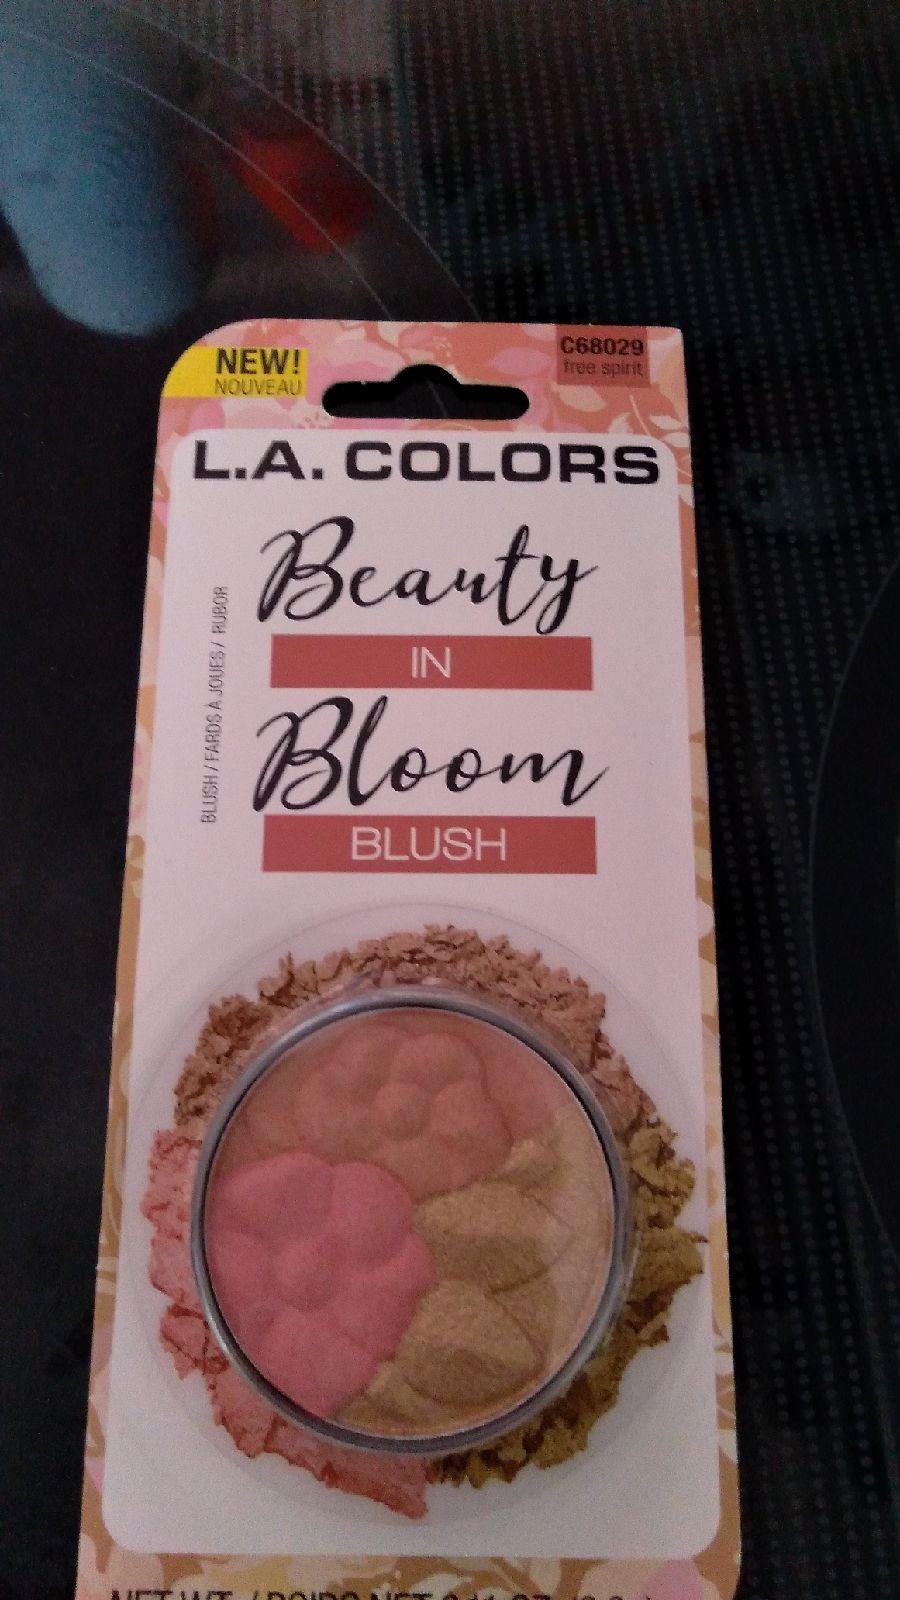 L. A. Colors blush